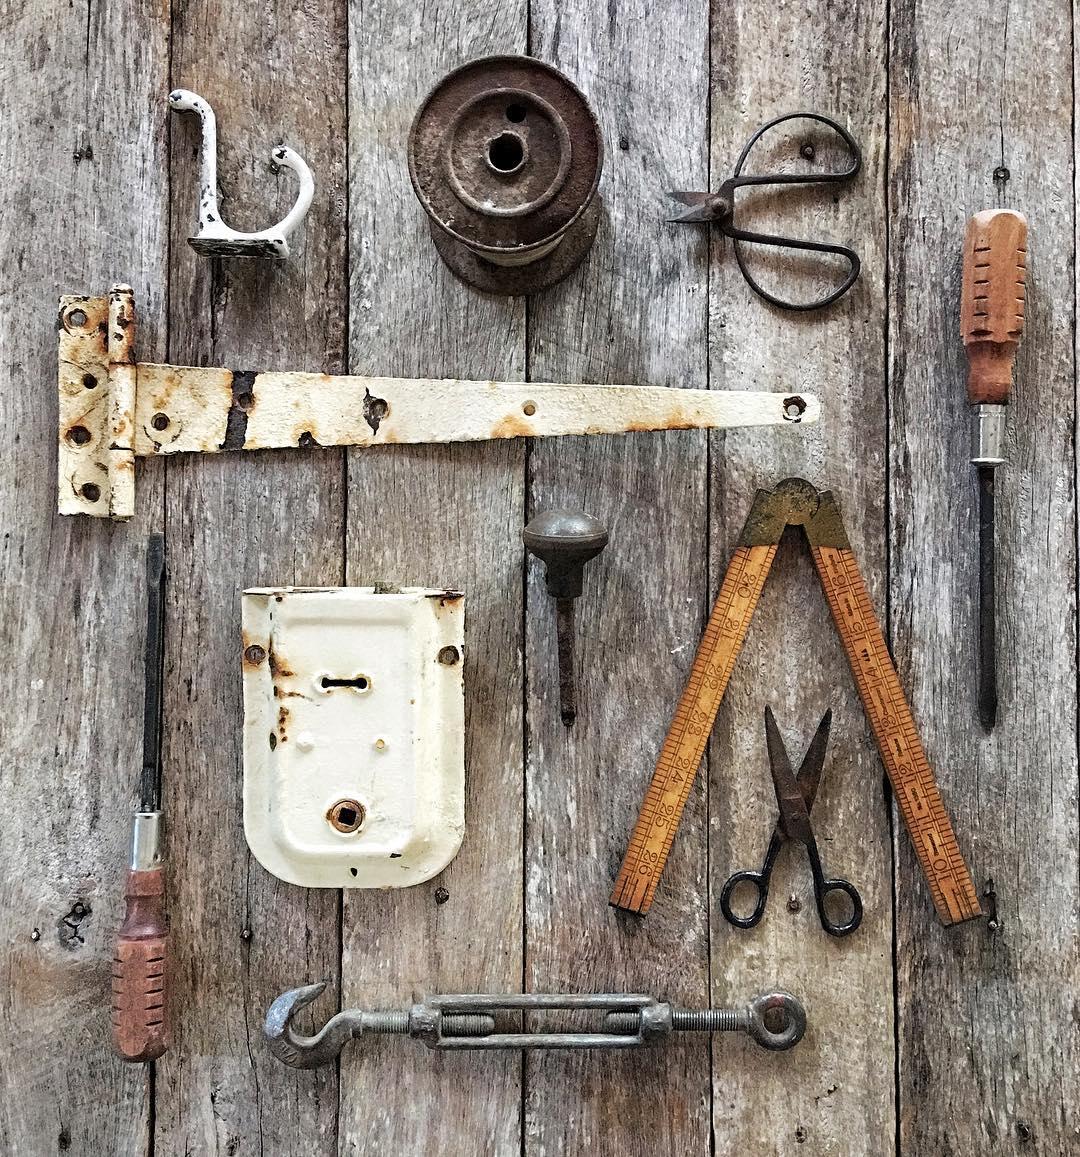 Ferramentas antigas e réguas de hardware, dobradiças e puxadores do armazém